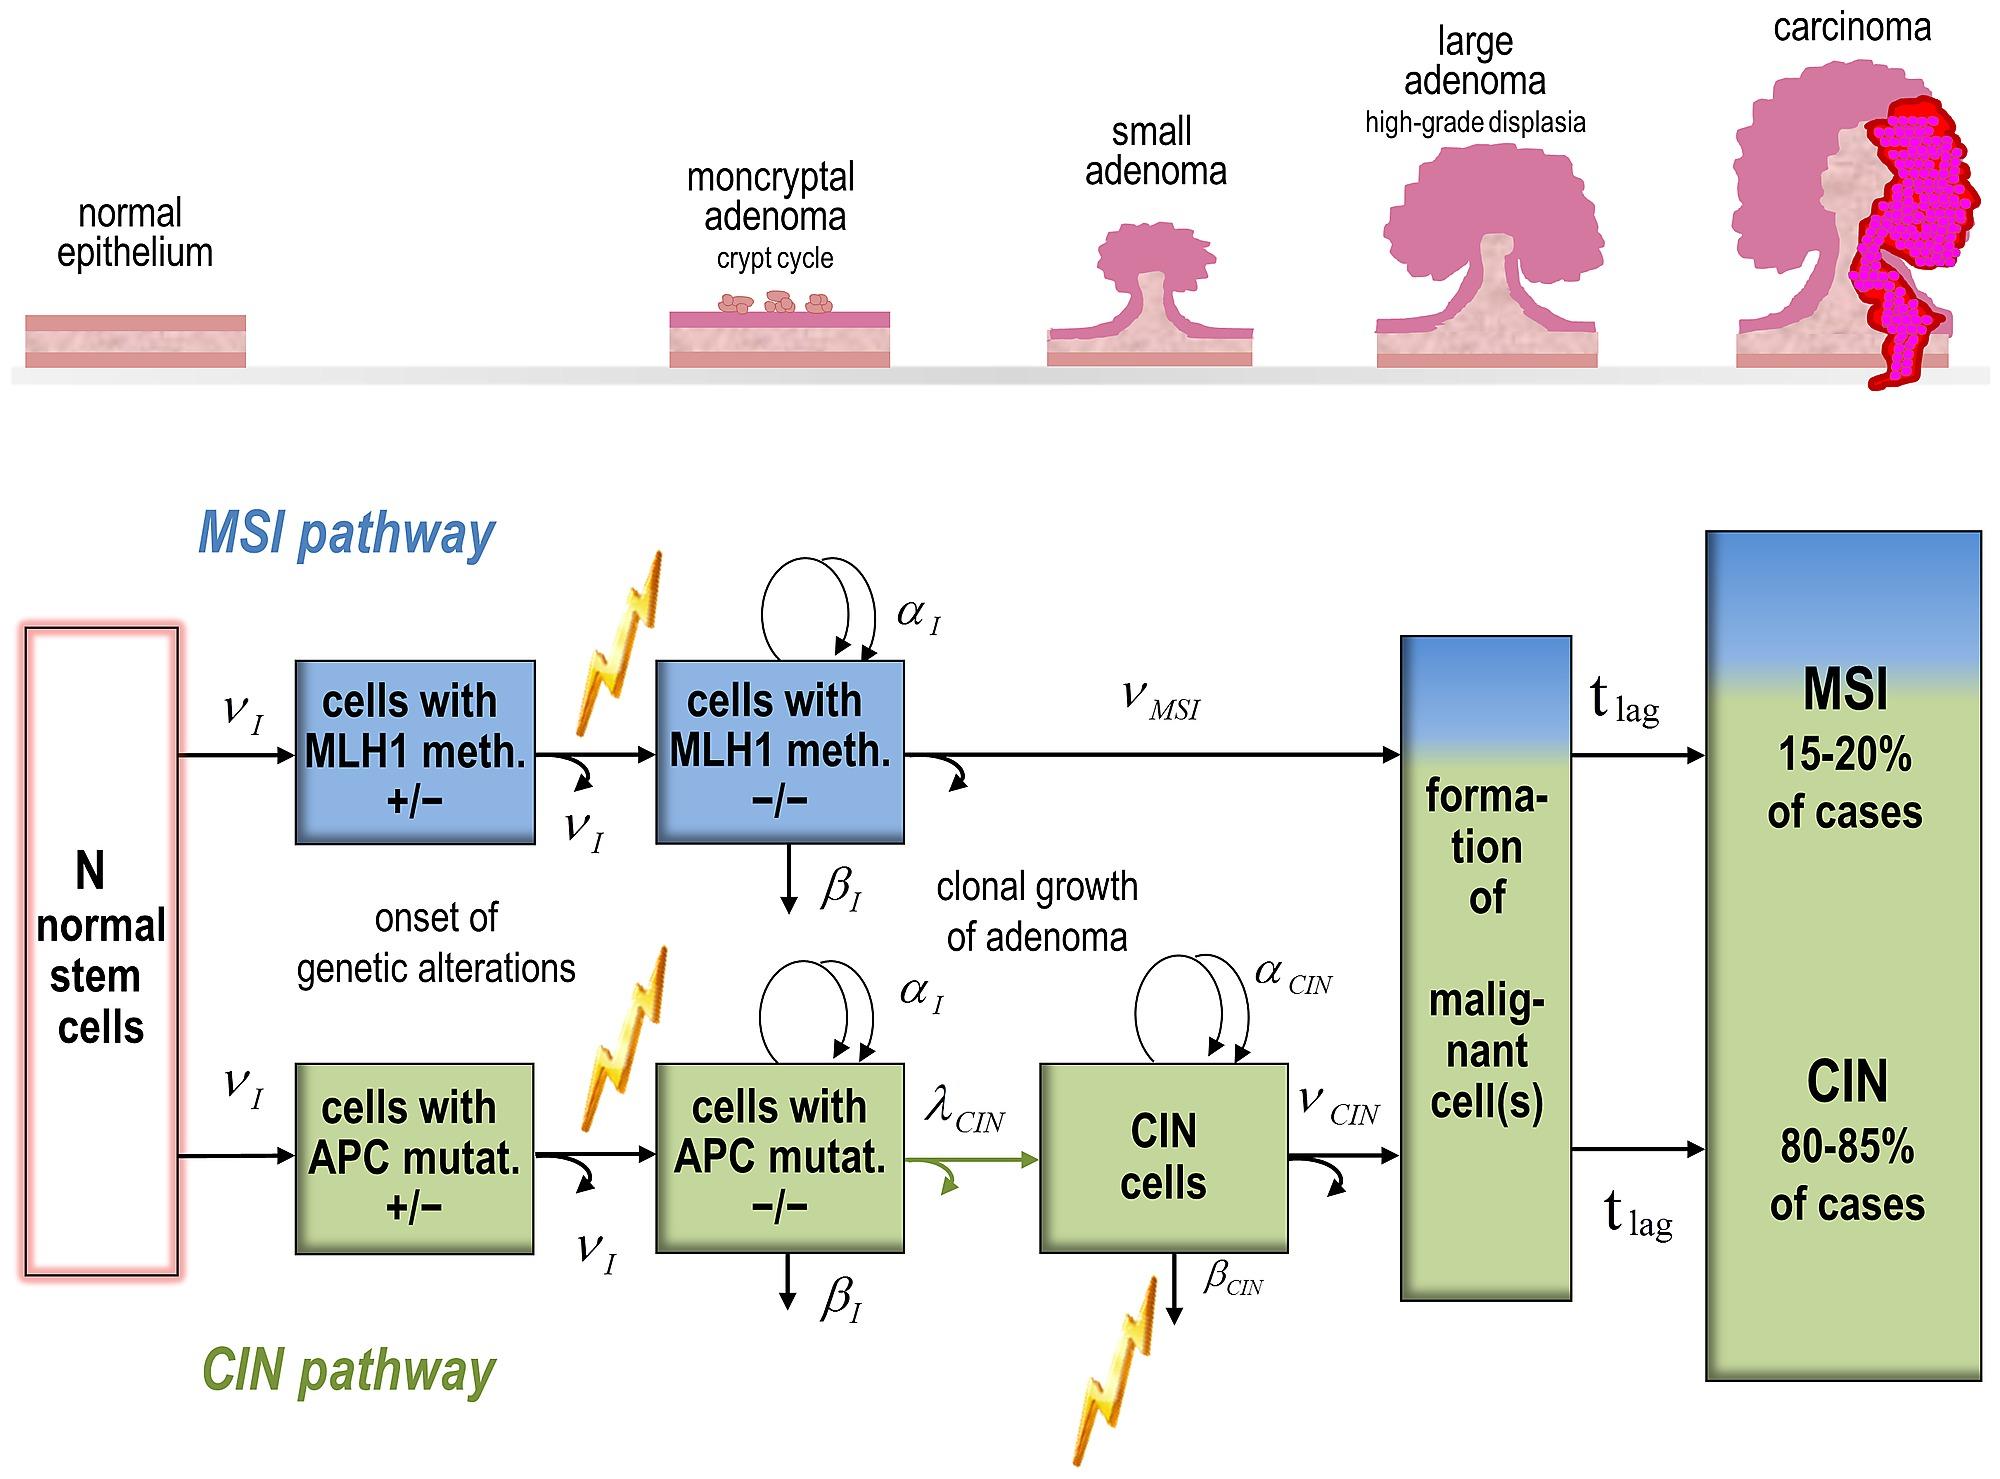 Personalizarea deciziei terapeutice in cancerul colorectal